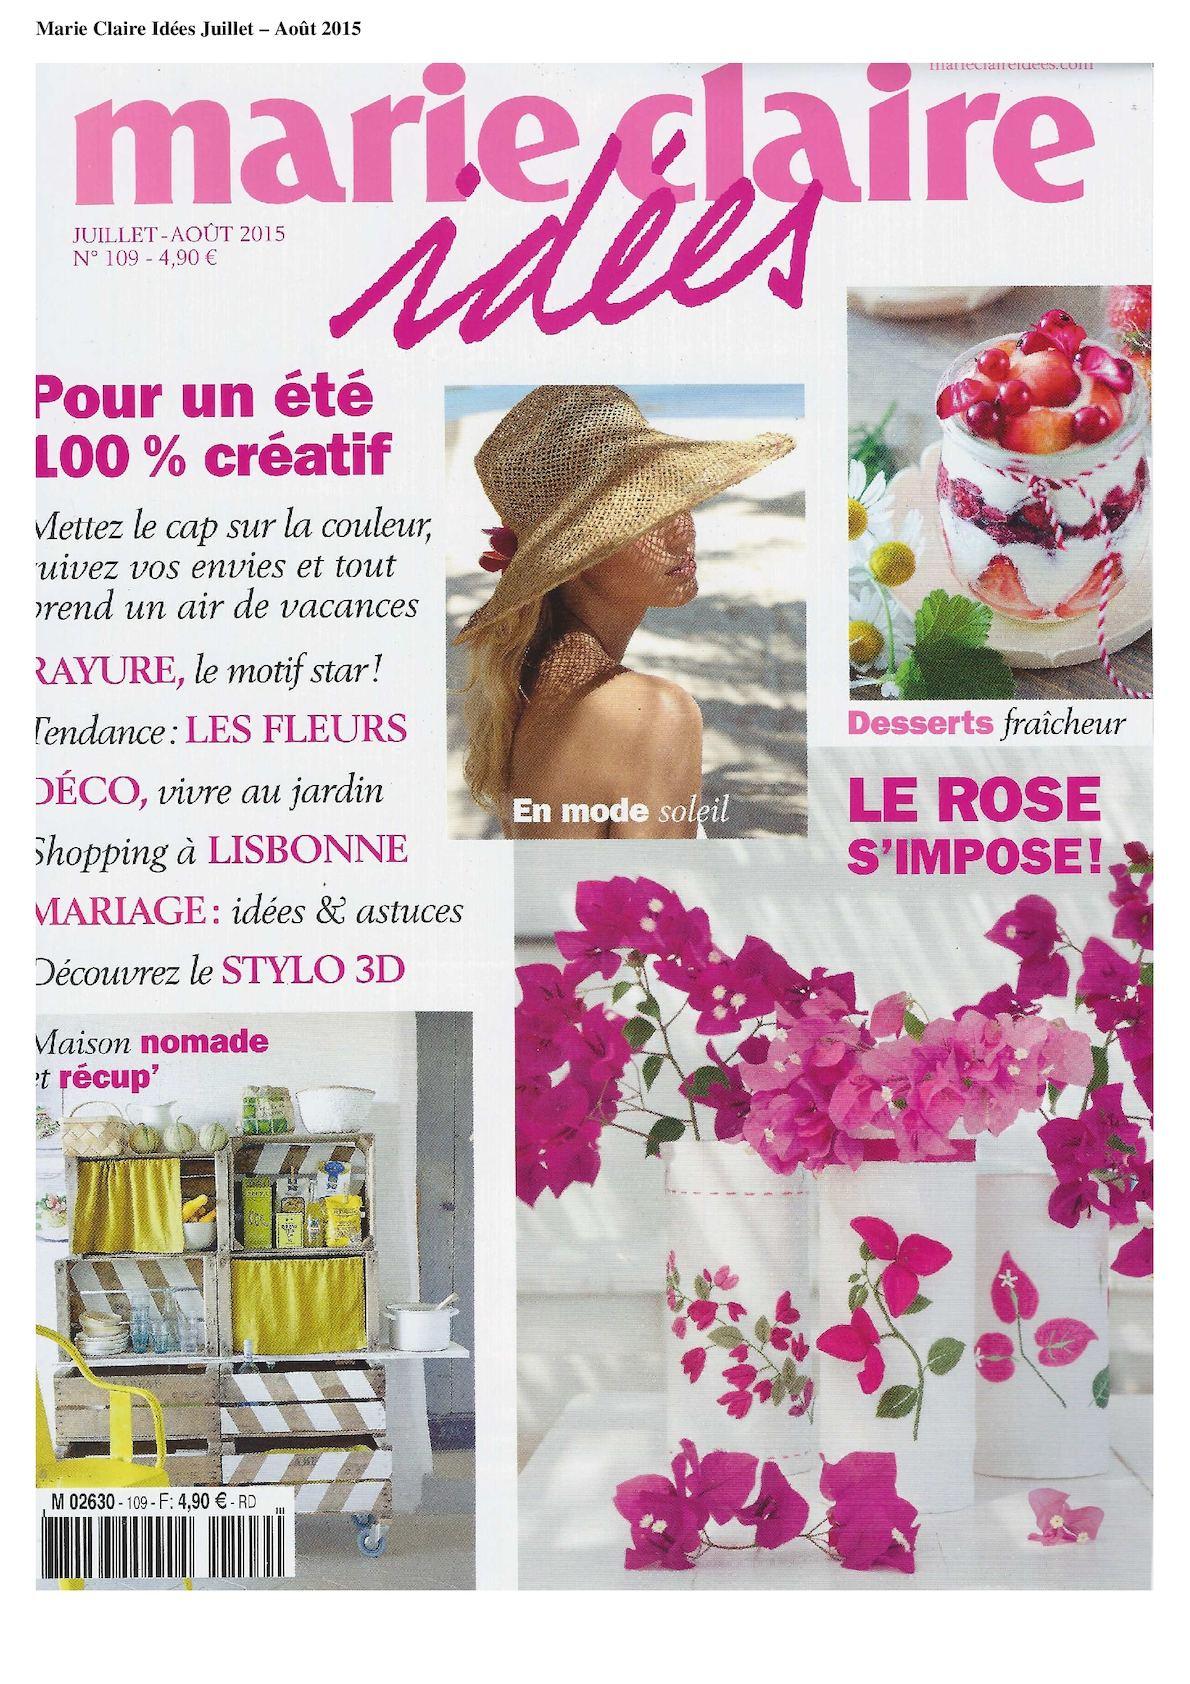 Marie Claire Maison Jardin Recup calaméo - marie claire idees juillet aout 2015